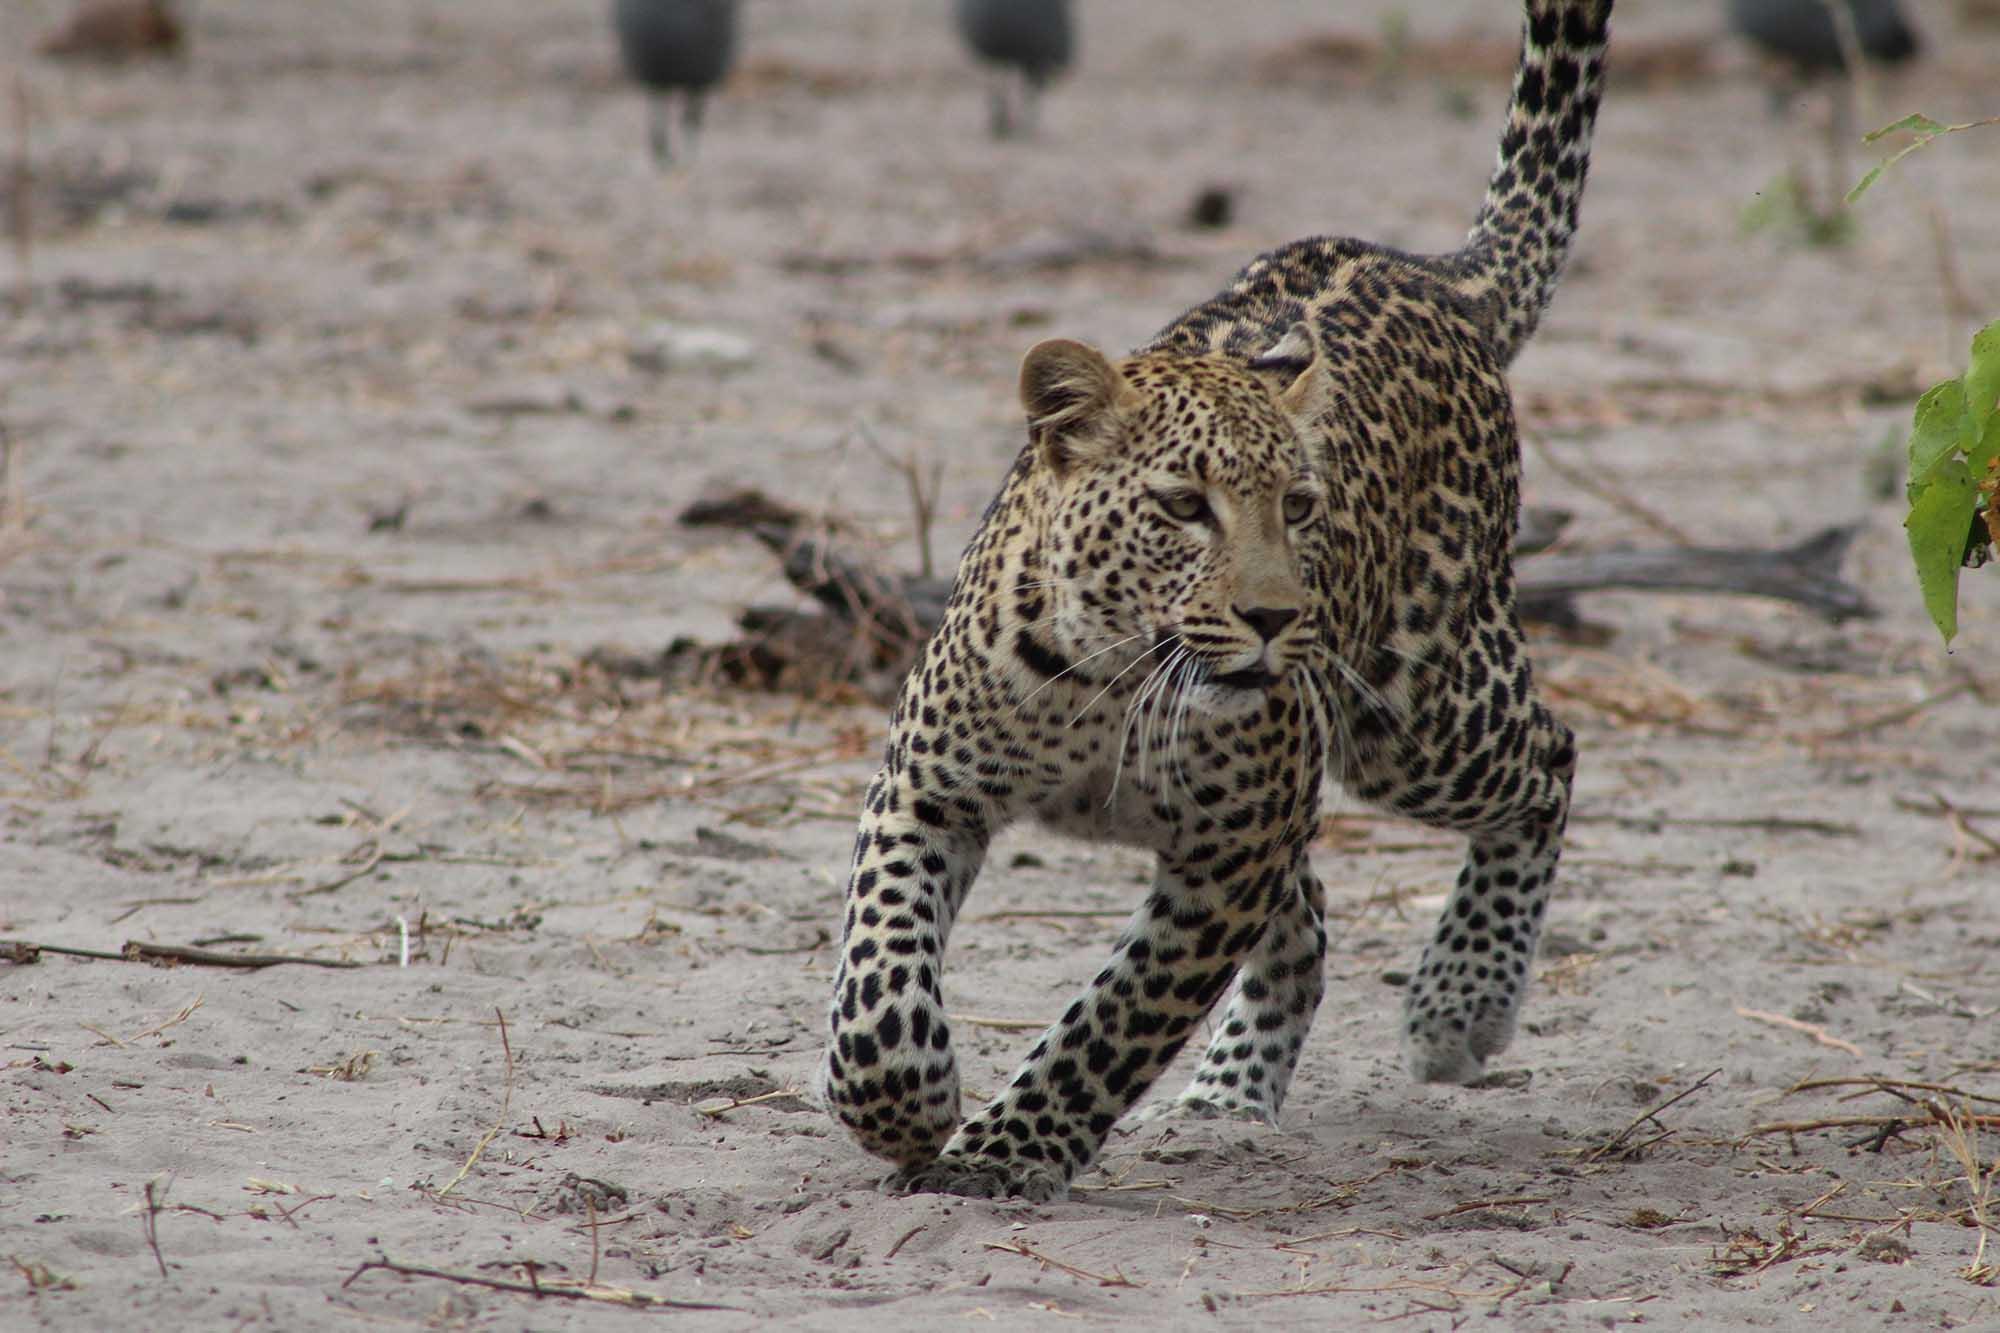 Découverte d'un leopard lors d'un safari en zambie avec Samsara